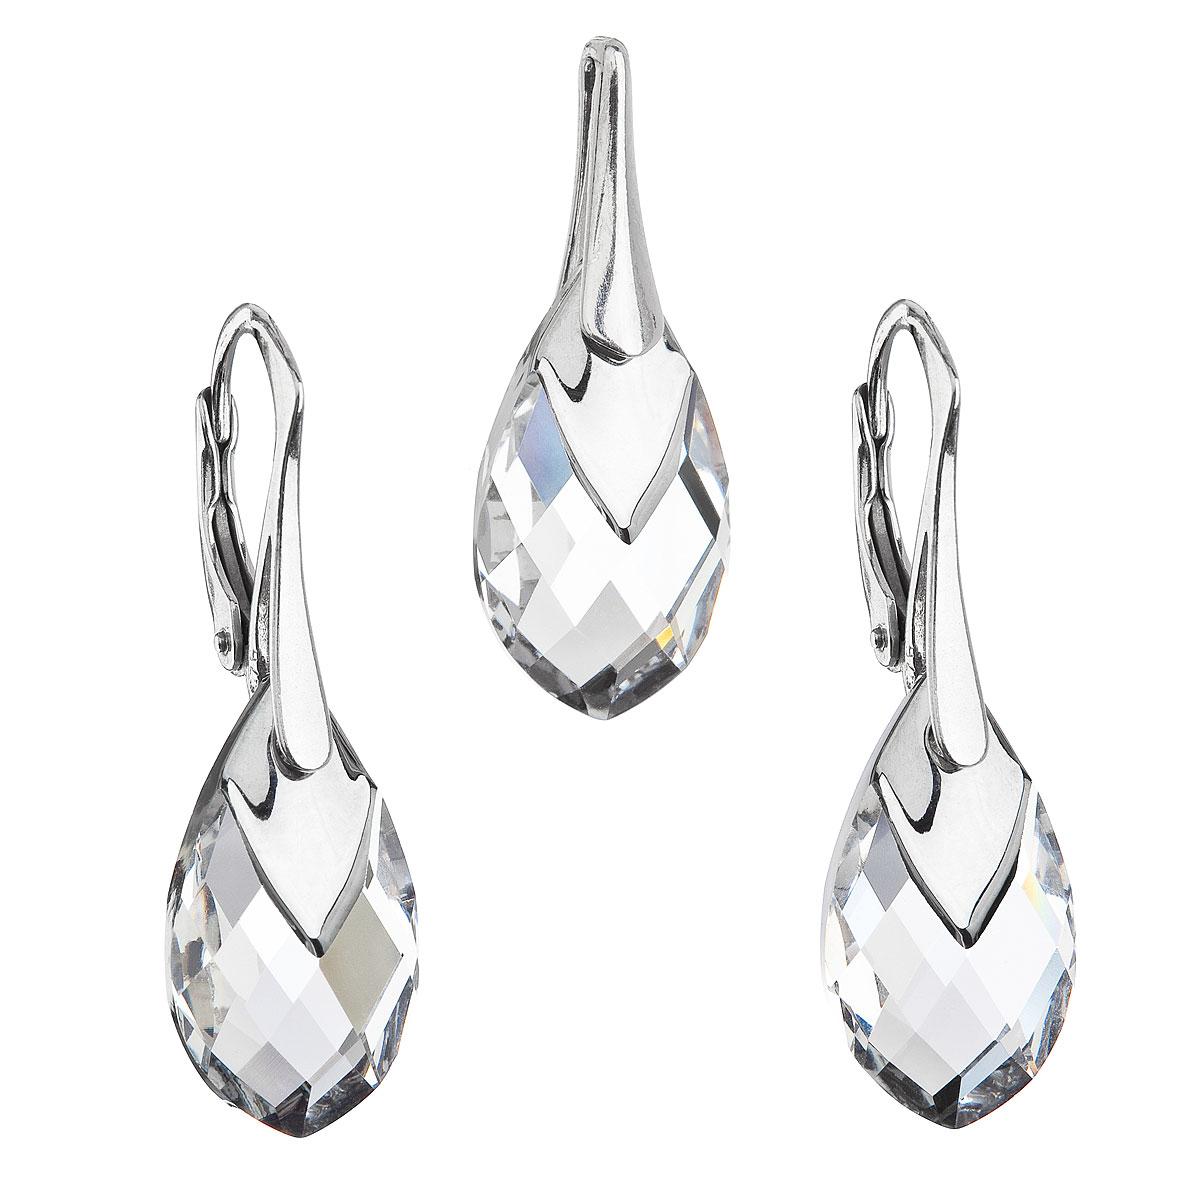 Sada šperkov s krištálmi Swarovski náušnice a prívesok striebrošedá slza 39169.4